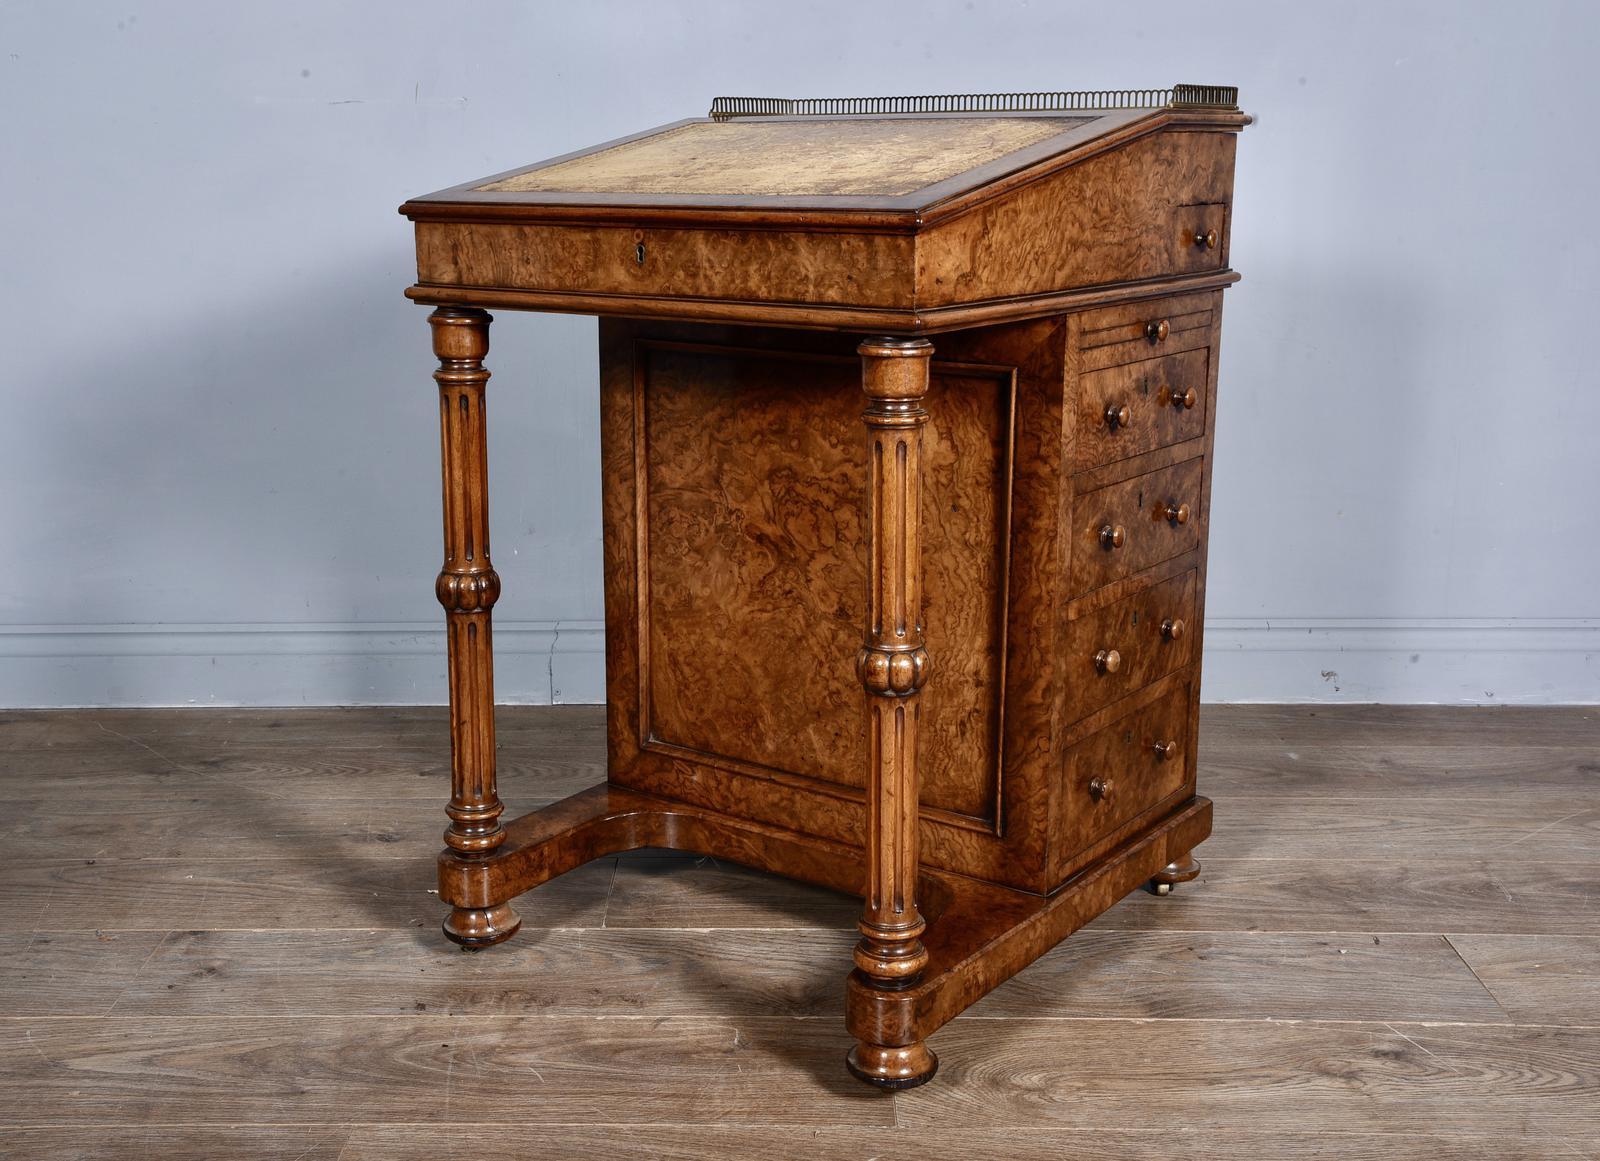 Antique Walnut Davenport Desk (1 of 1)